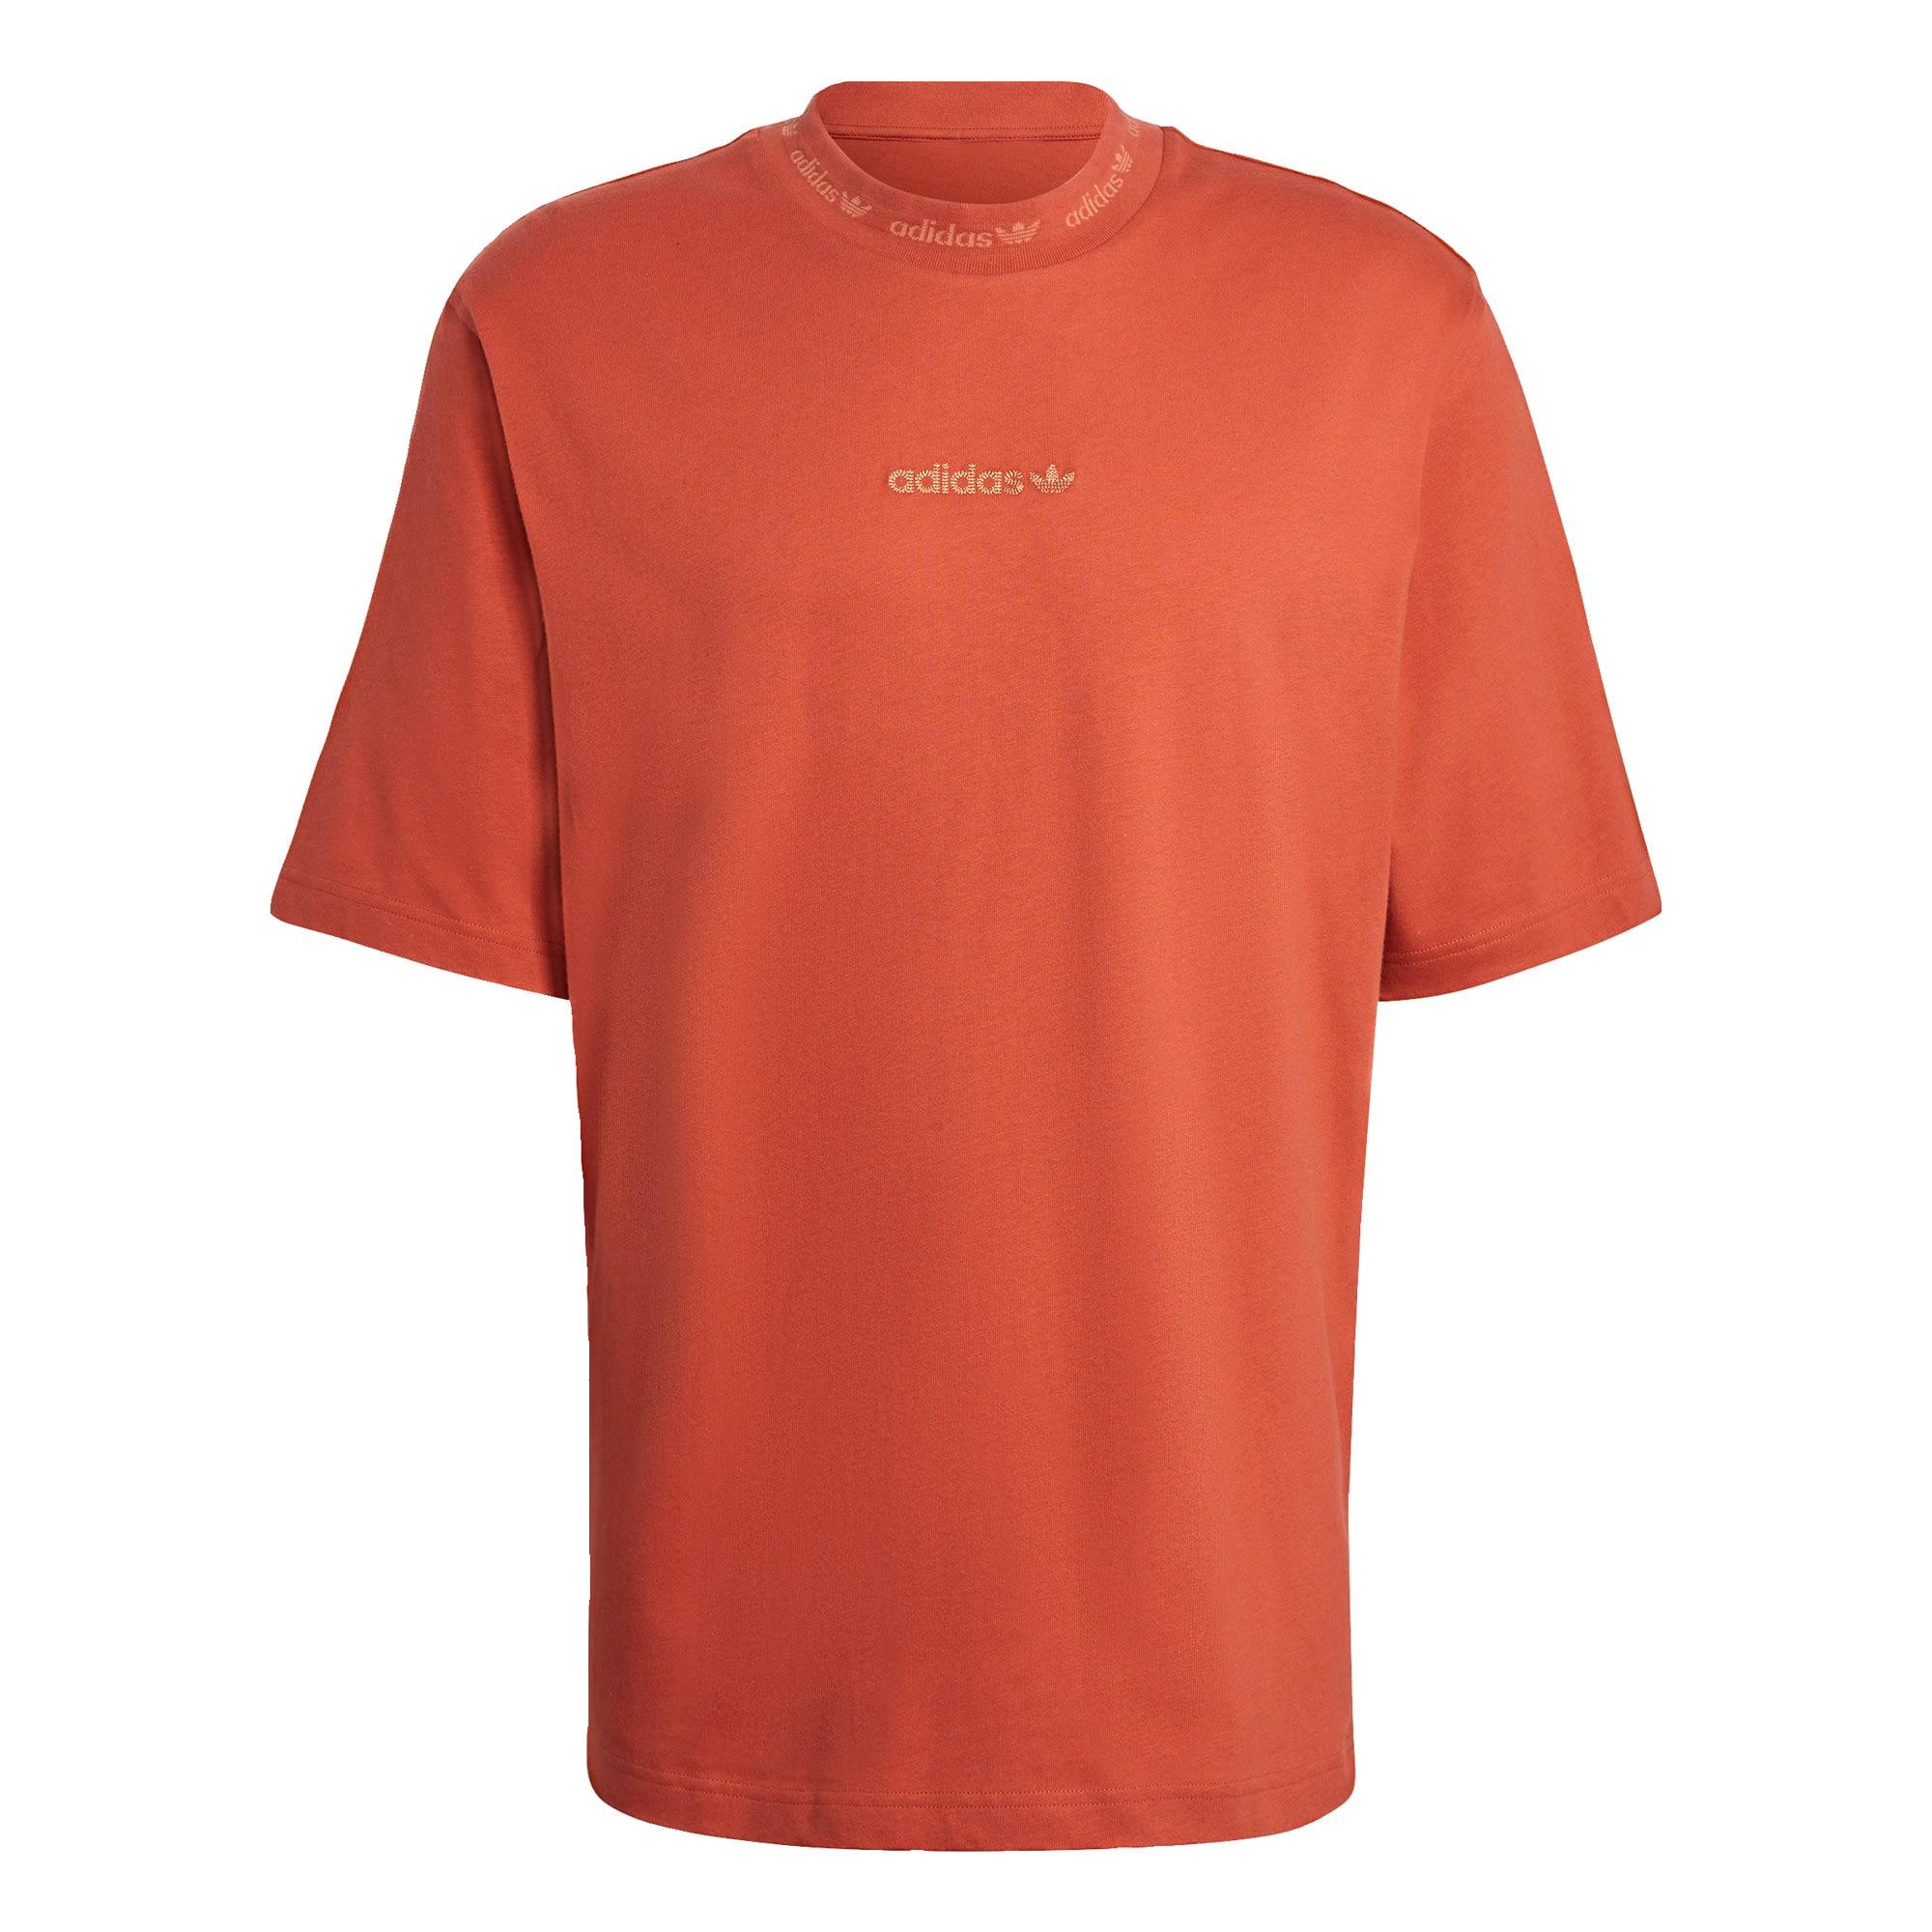 ADIDAS ORIGINALS Marškinėliai tamsiai oranžinė / šviesiai geltona